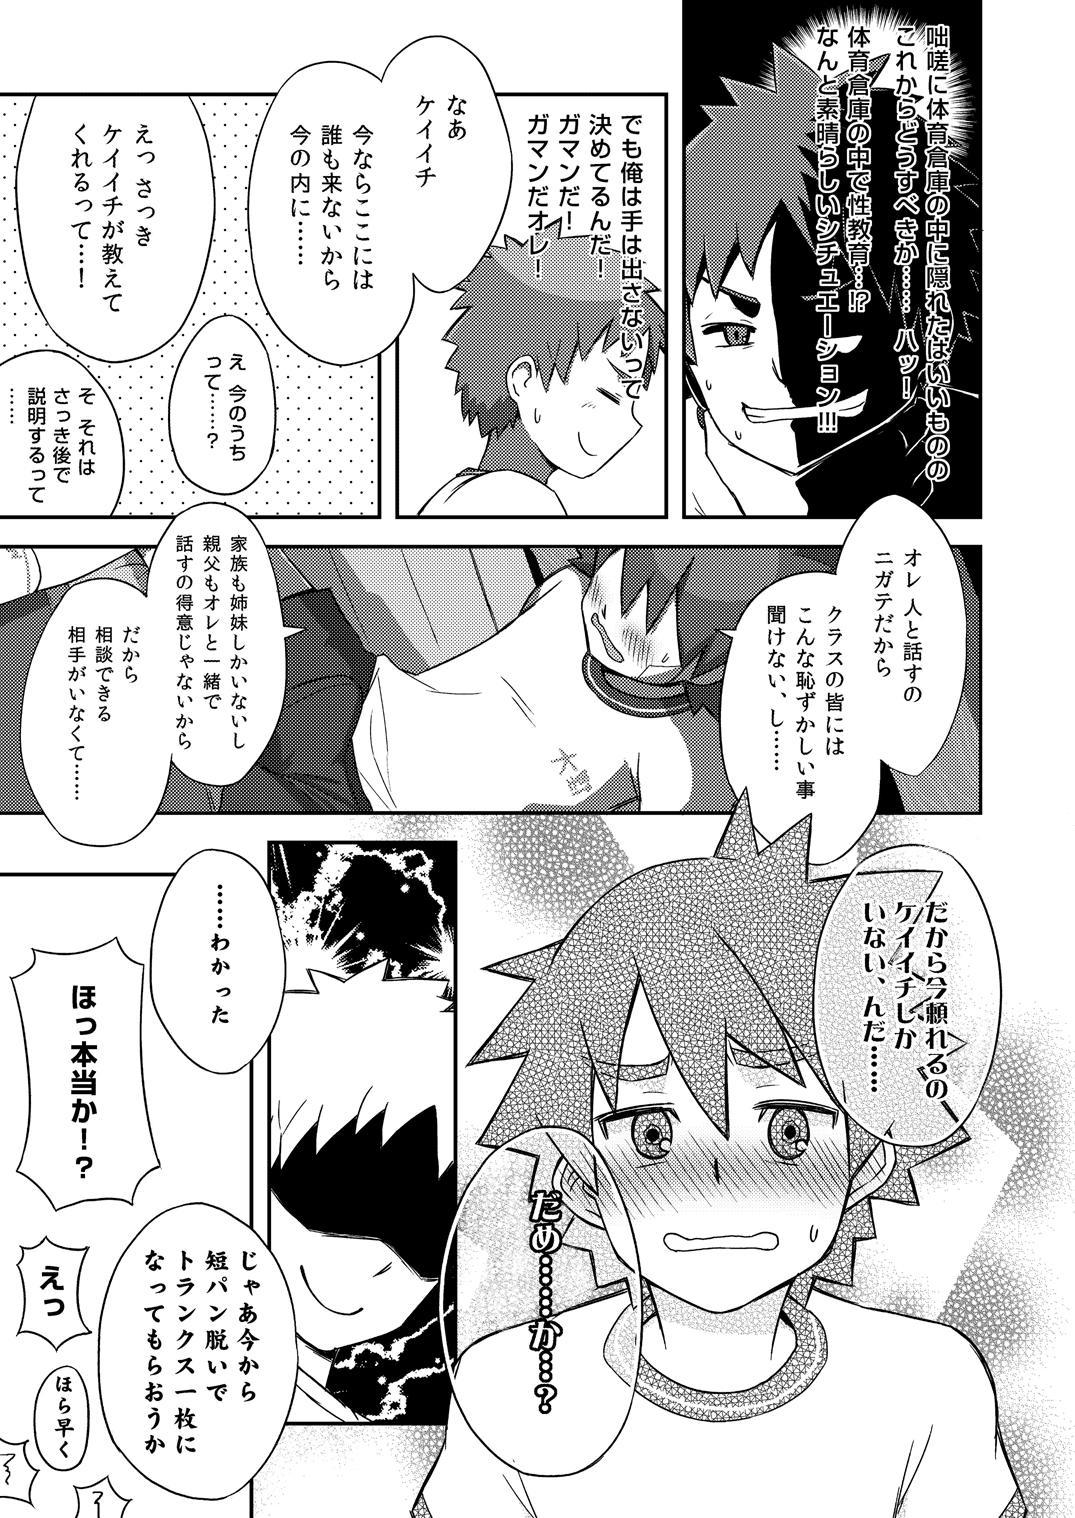 (Shota Scratch 18) [Drum-Kan (Kine)] Arashi-kun to Keiichi-kun. 14